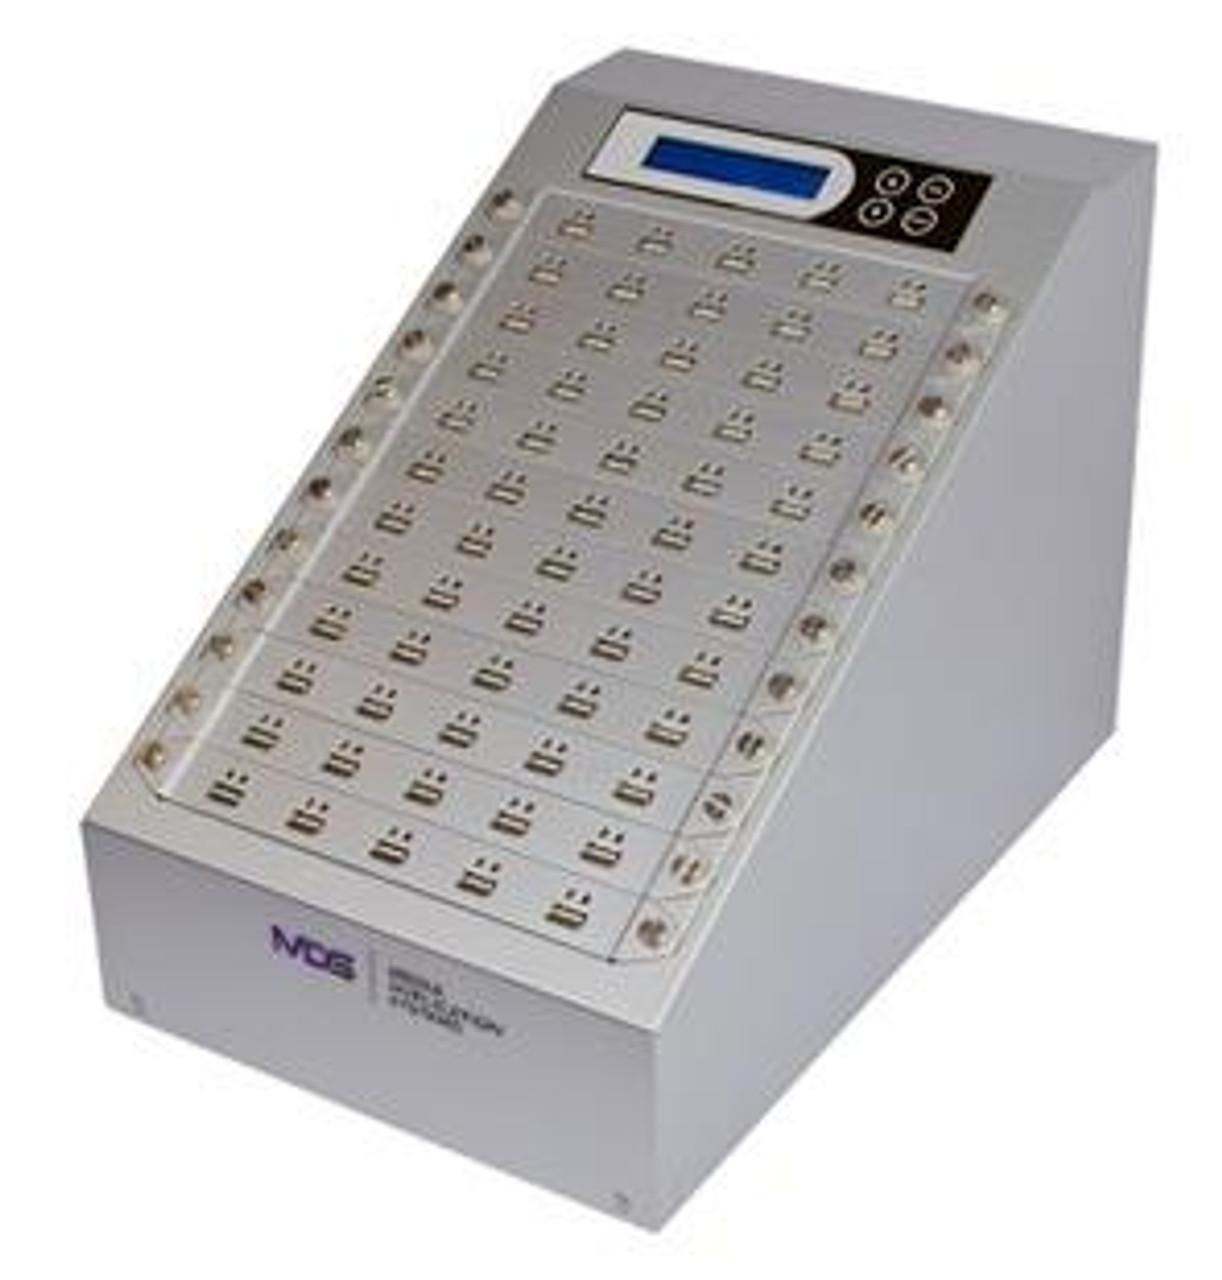 DupliUSB 1-to-59 USB 2.0/3.0/3.1 Flash Memory Copier and Eraser